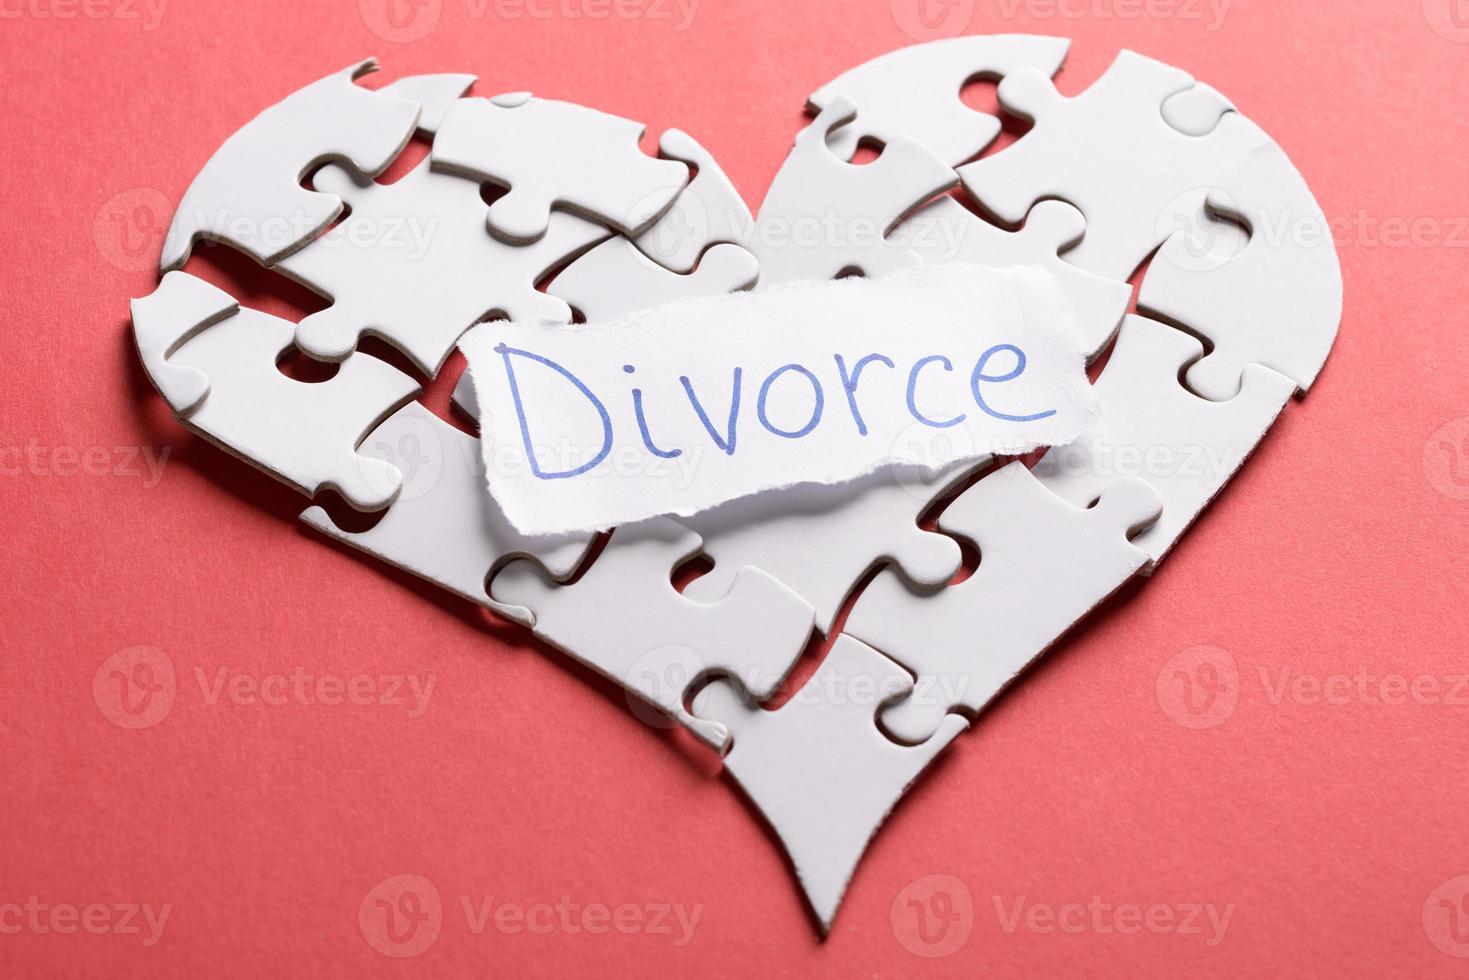 Etiqueta de divorcio en el corazón de rompecabezas foto